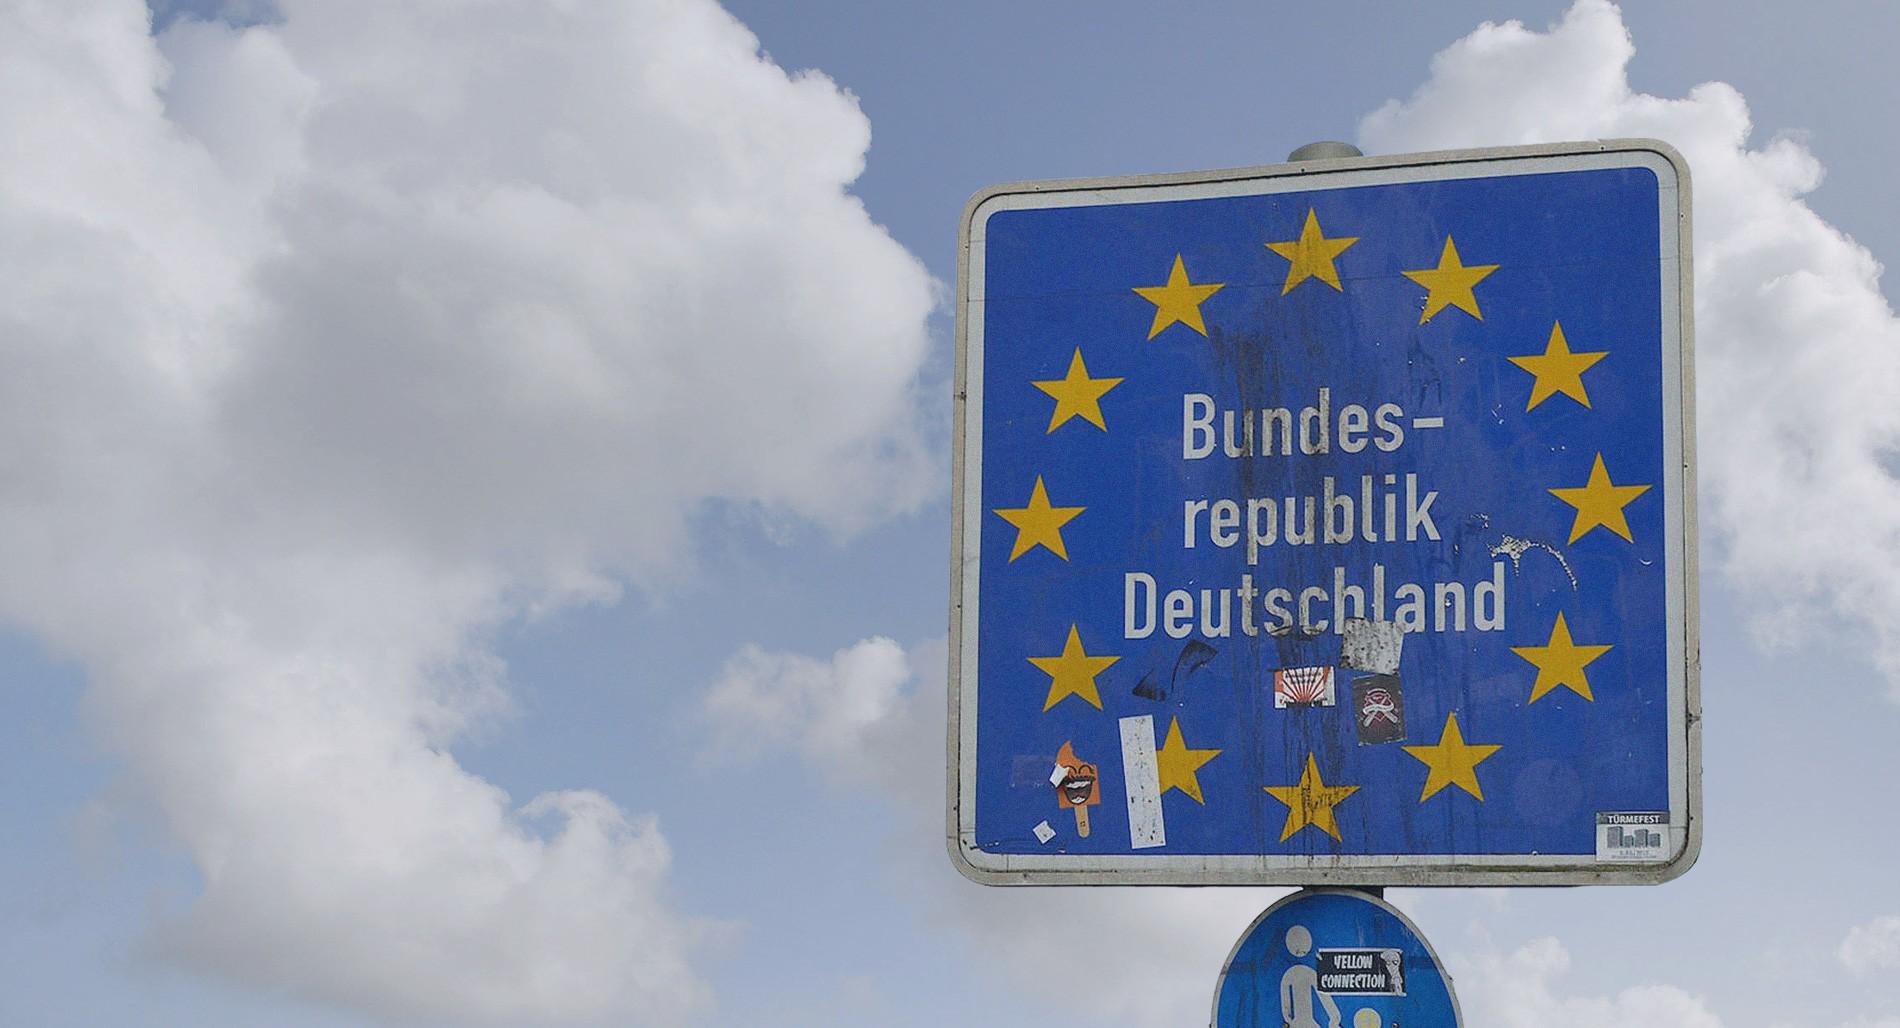 Leben wir gerne in Deutschland?